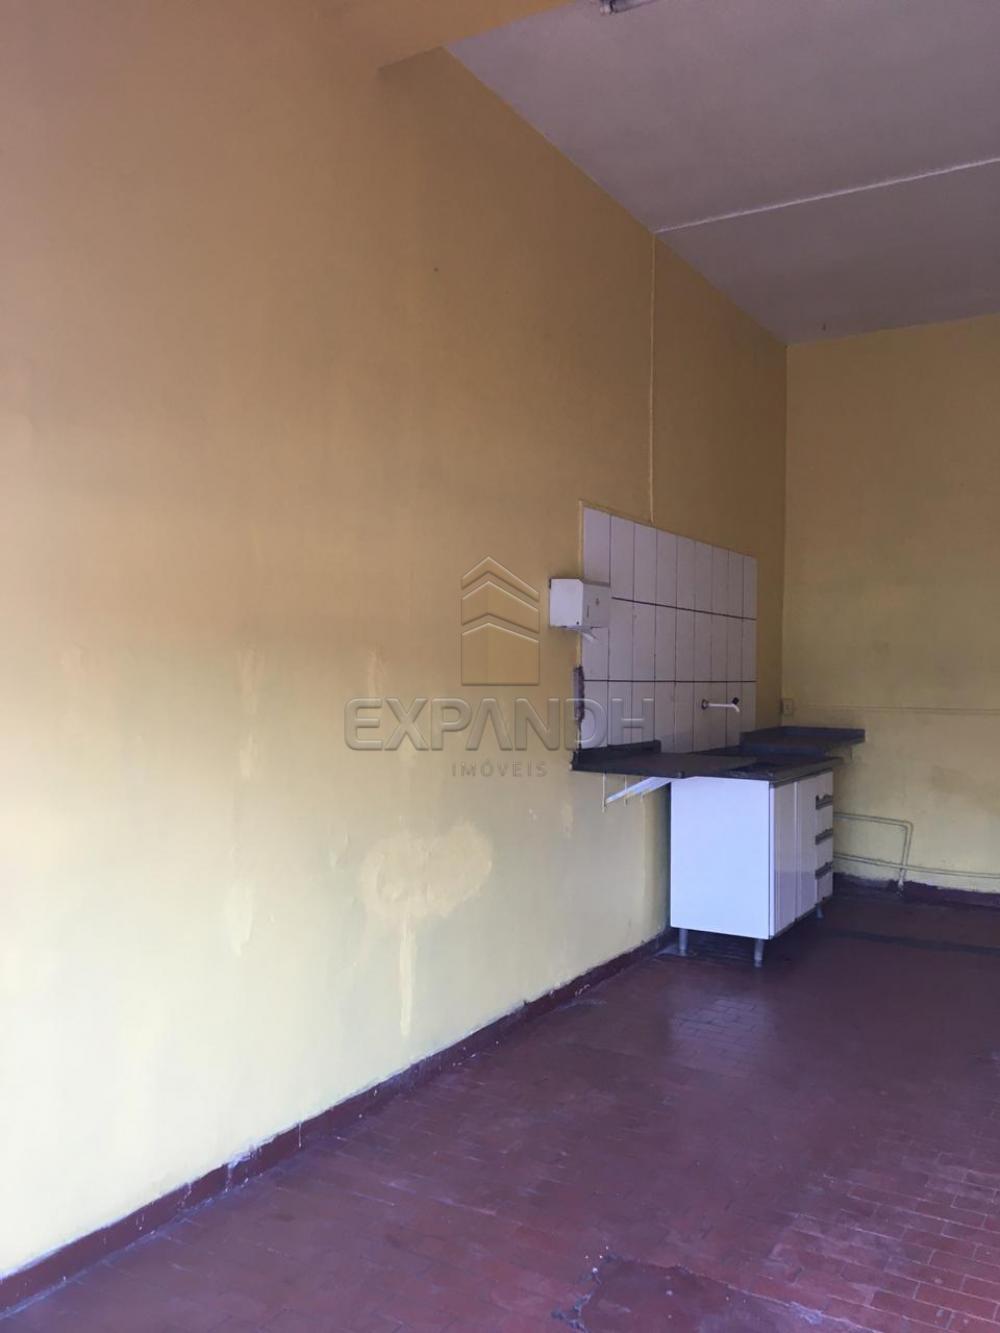 Alugar Comerciais / Salão em Sertãozinho apenas R$ 900,00 - Foto 3